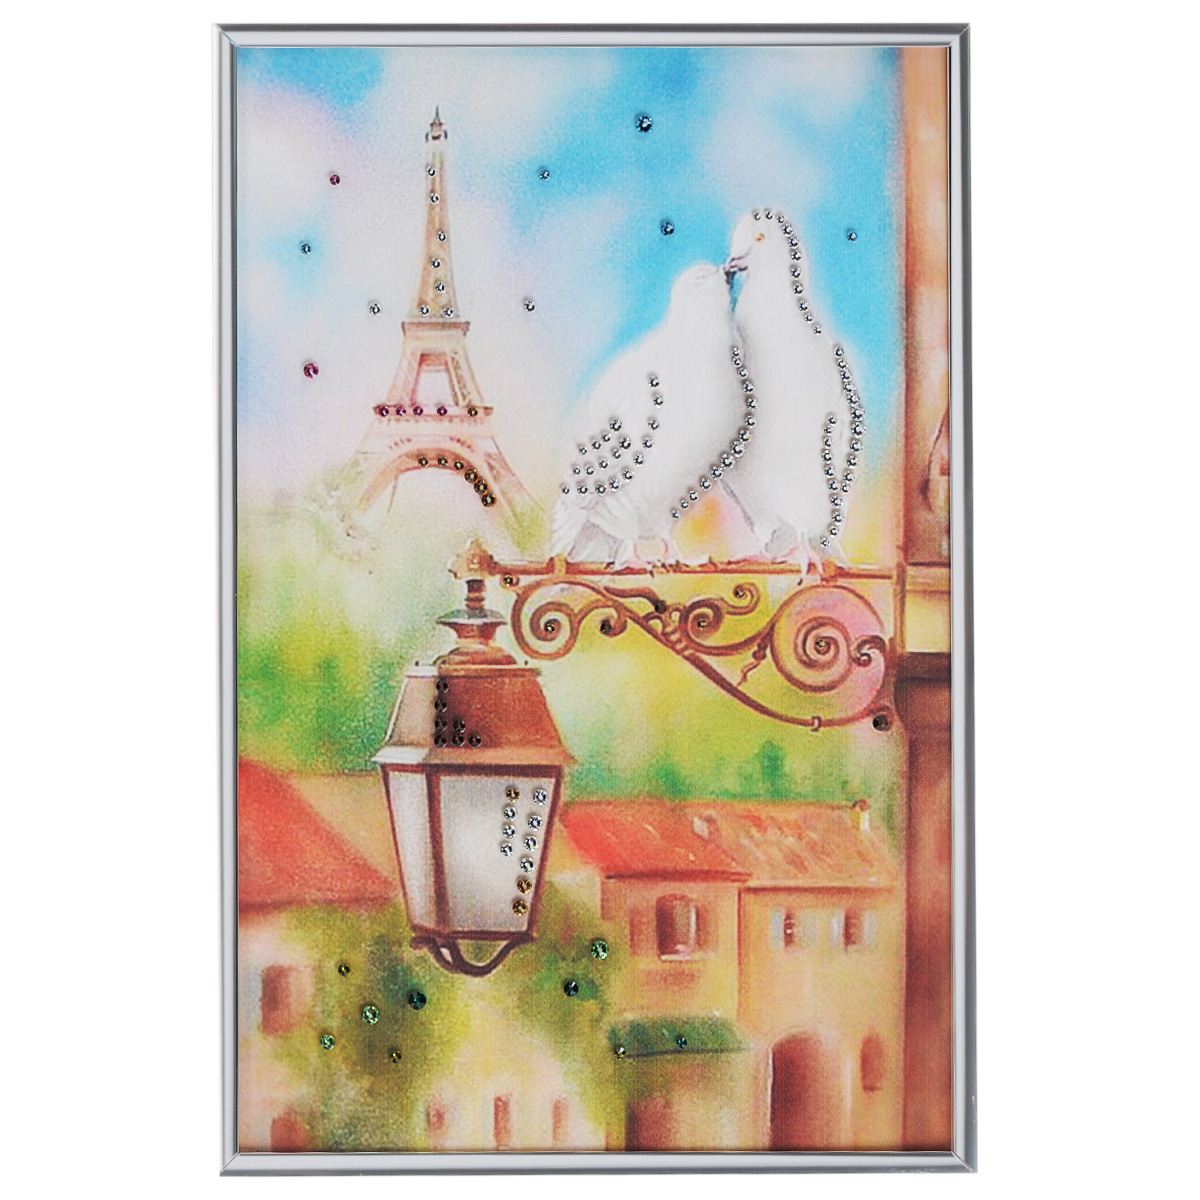 Картина с кристаллами Swarovski Голуби в Париже, 20 см х 30 смAG 30-04Изящная картина в металлической раме, инкрустирована кристаллами Swarovski, которые отличаются четкой и ровной огранкой, ярким блеском и чистотой цвета. Красочное изображение двух голубей на фоне Эйфелевой башни, расположенное под стеклом, прекрасно дополняет блеск кристаллов. С обратной стороны имеется металлическая петелька для размещения картины на стене.Картина с кристаллами Swarovski Голуби в Париже элегантно украсит интерьер дома или офиса, а также станет прекрасным подарком, который обязательно понравится получателю. Блеск кристаллов в интерьере, что может быть сказочнее и удивительнее. Картина упакована в подарочную картонную коробку синего цвета и комплектуется сертификатом соответствия Swarovski.